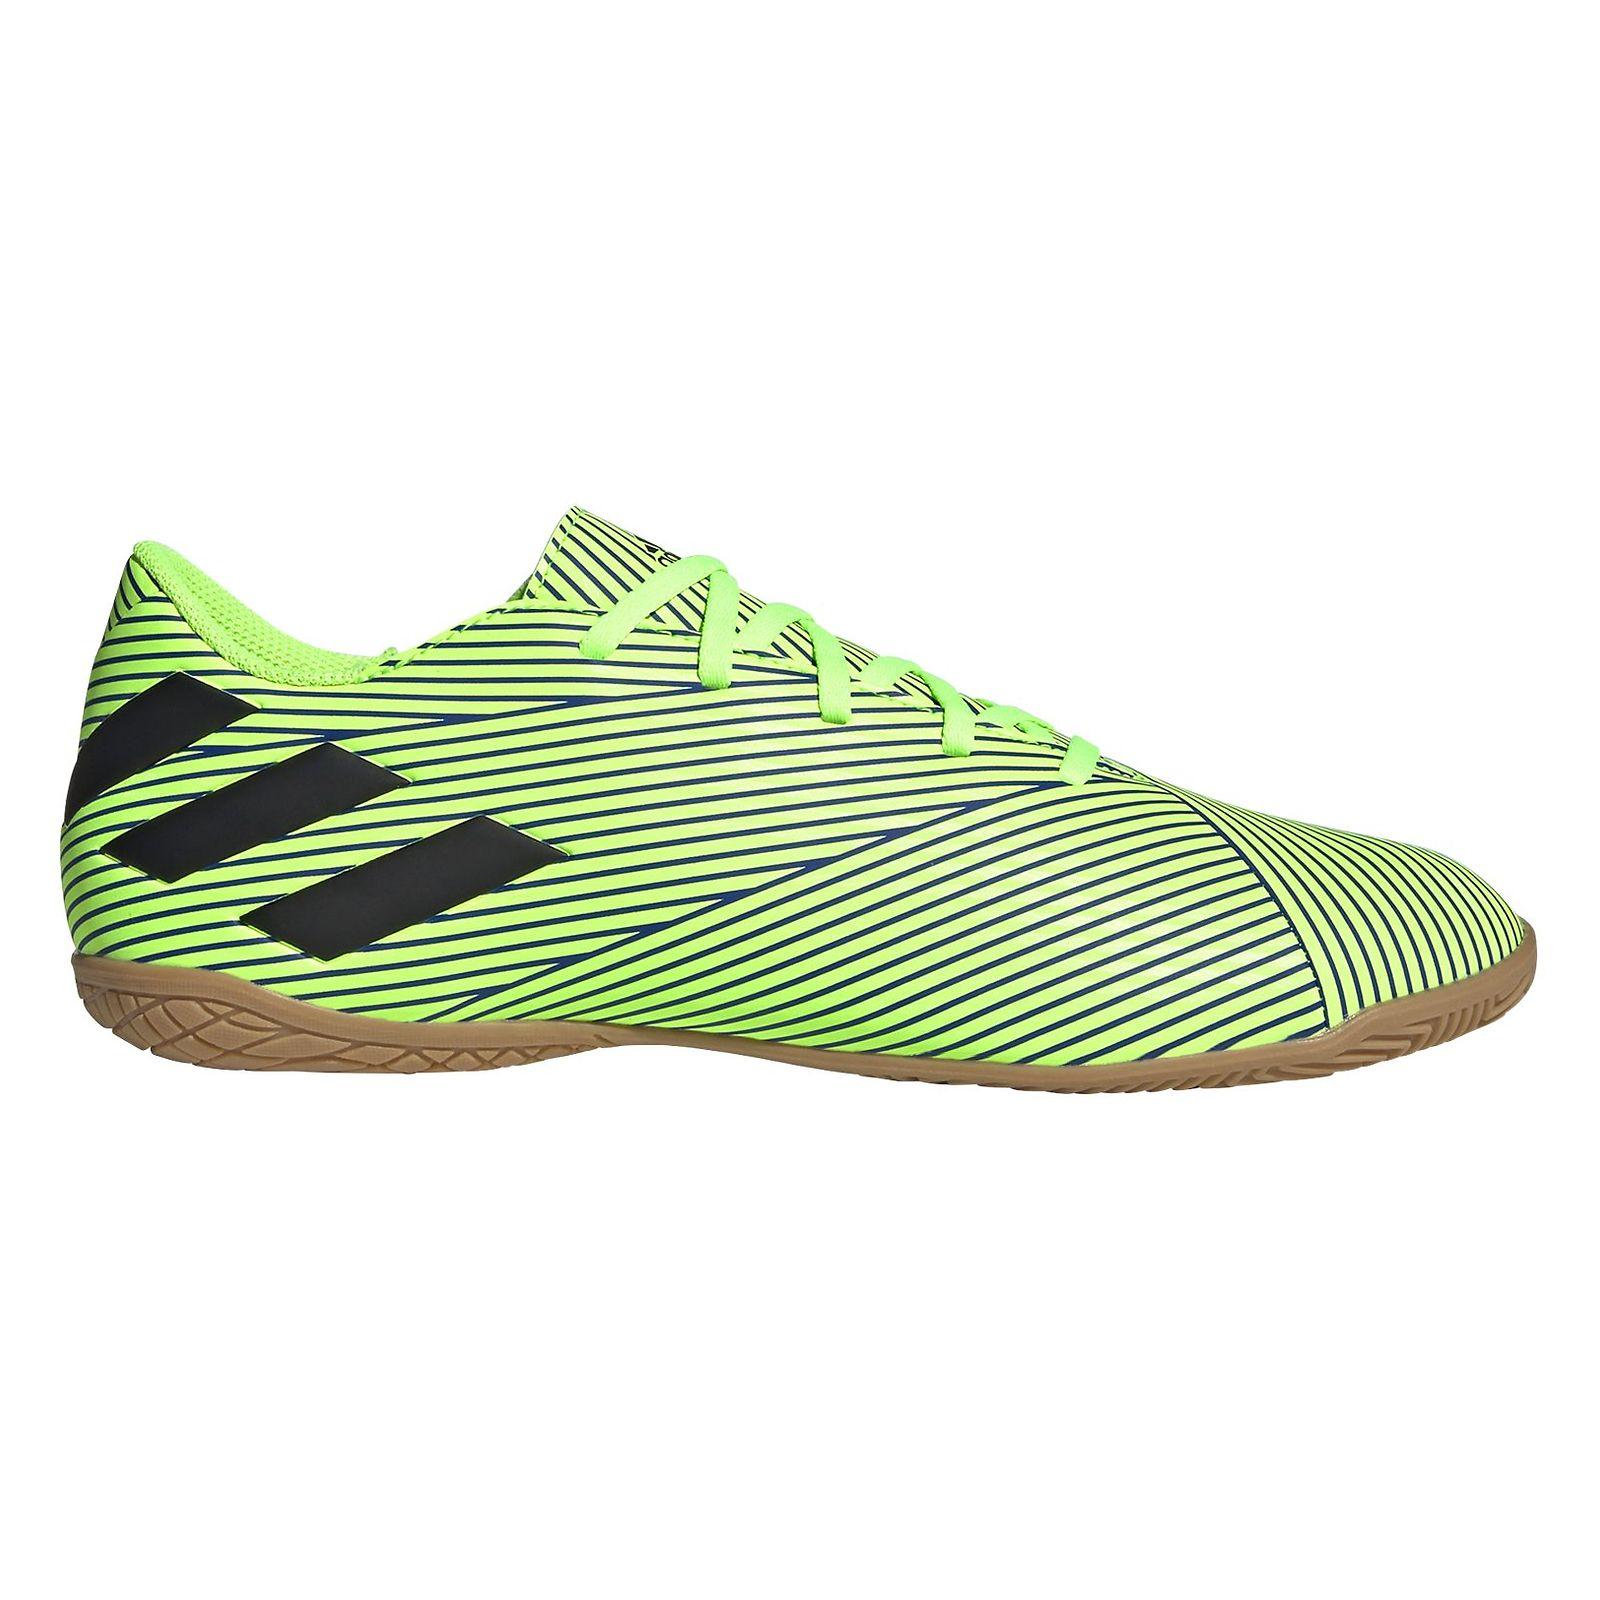 Buty piłkarskie adidas Nemeziz Messi 19.4 IN FV3997